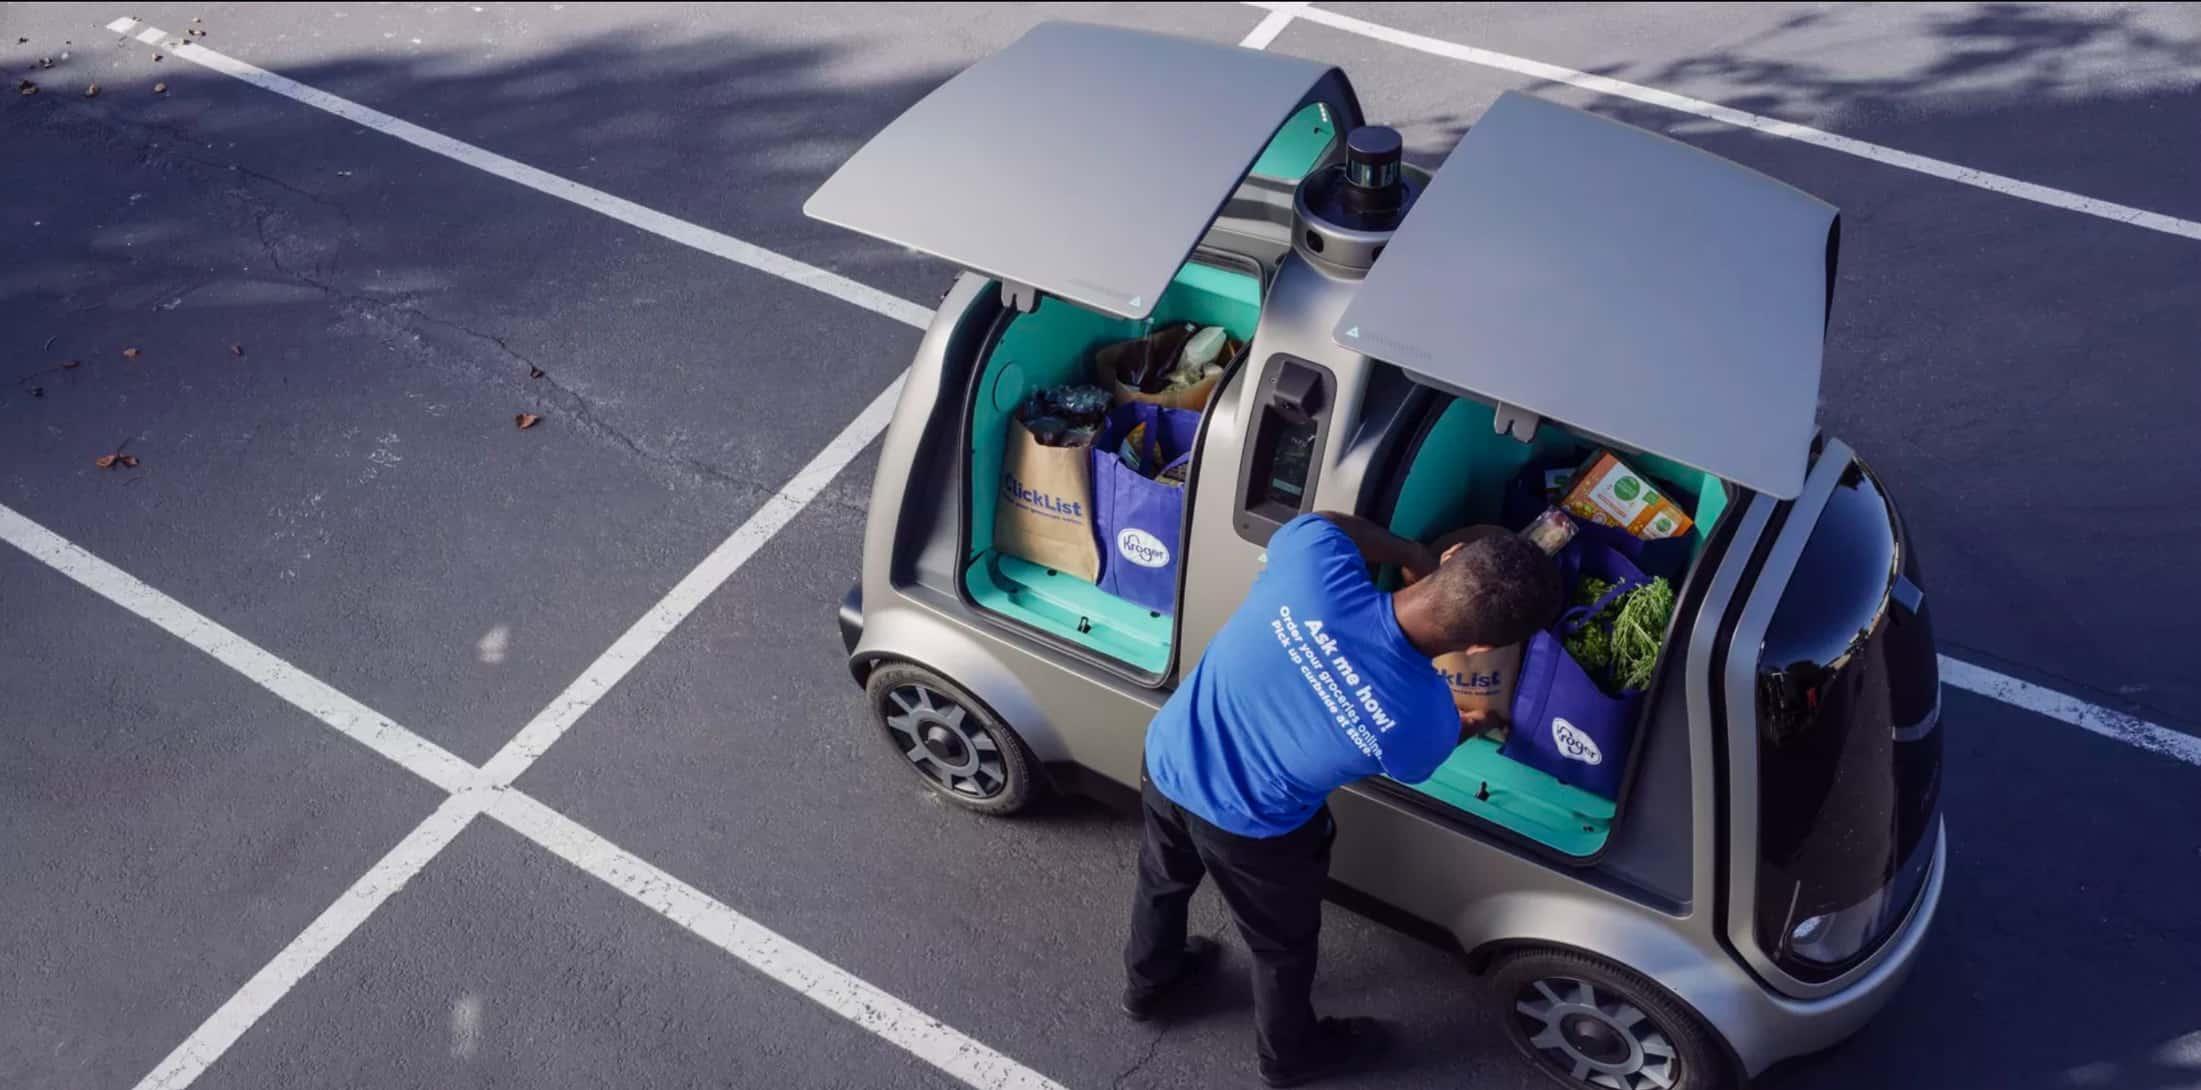 Service de livraison autonome proposé par Kroger et Nuro